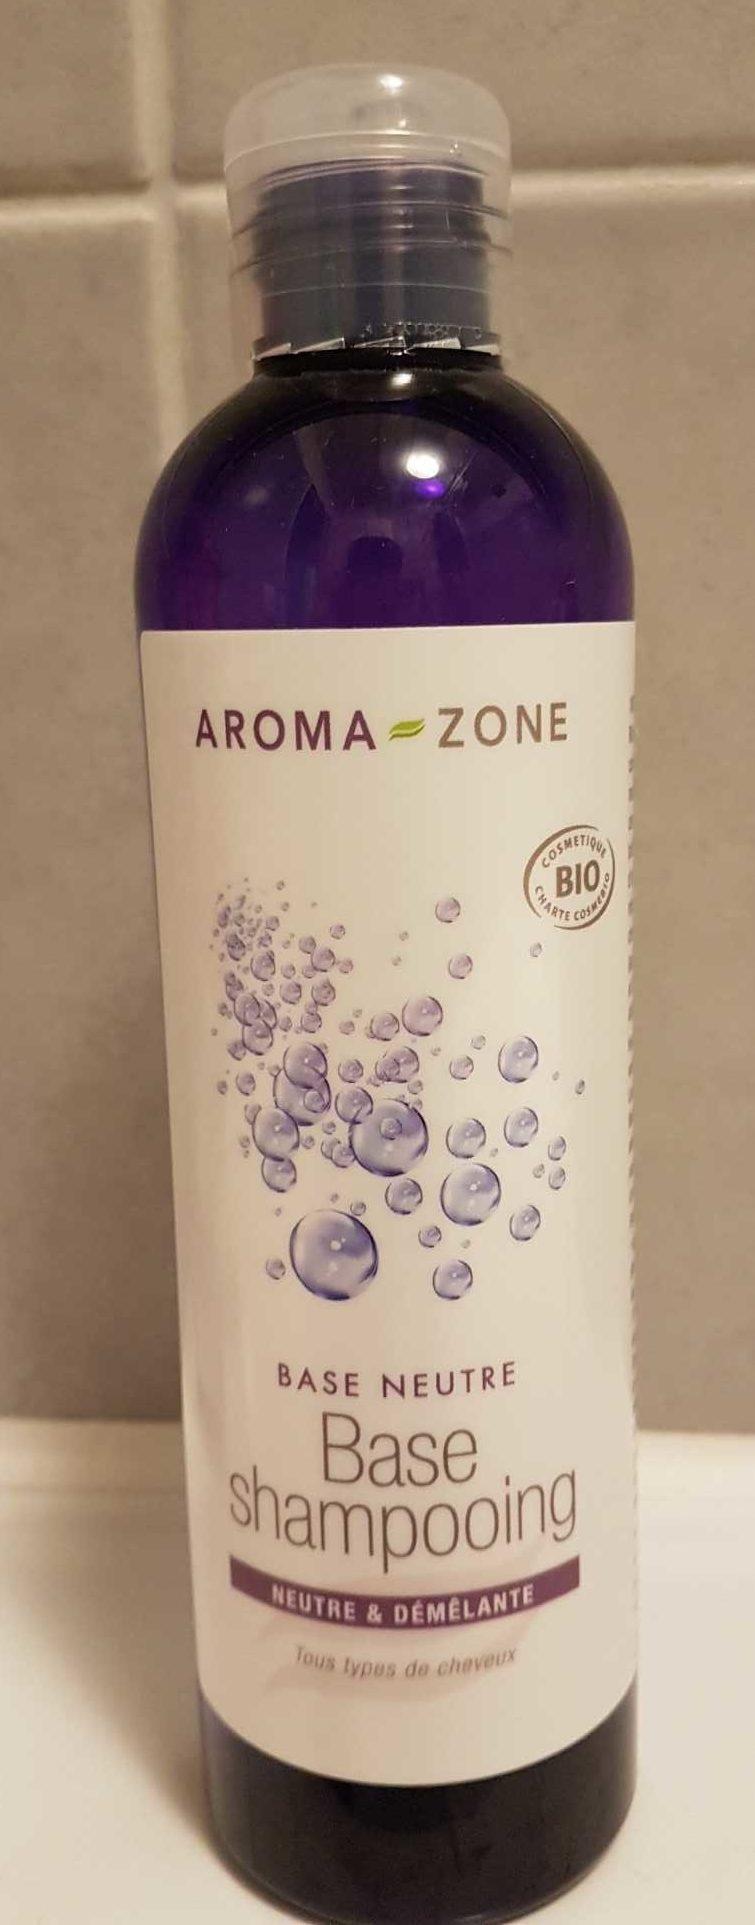 Base shampooing - Product